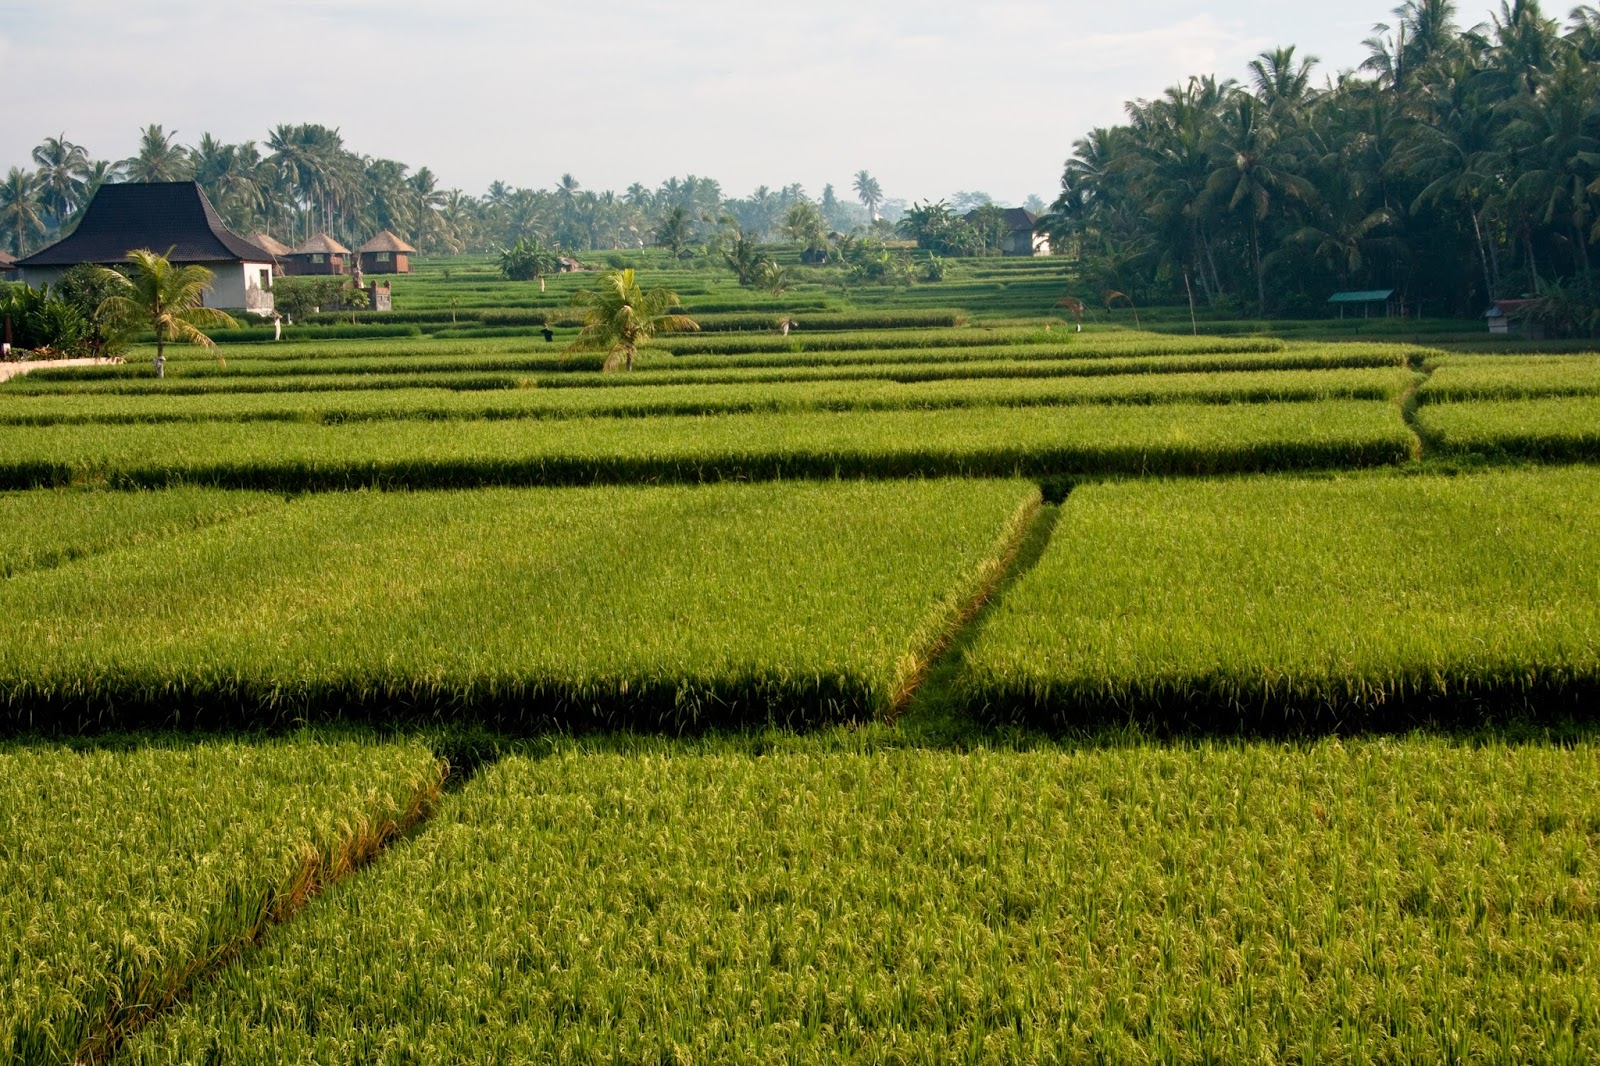 Marcoemimma Consulentiviaggio Bali La Via Del Riso